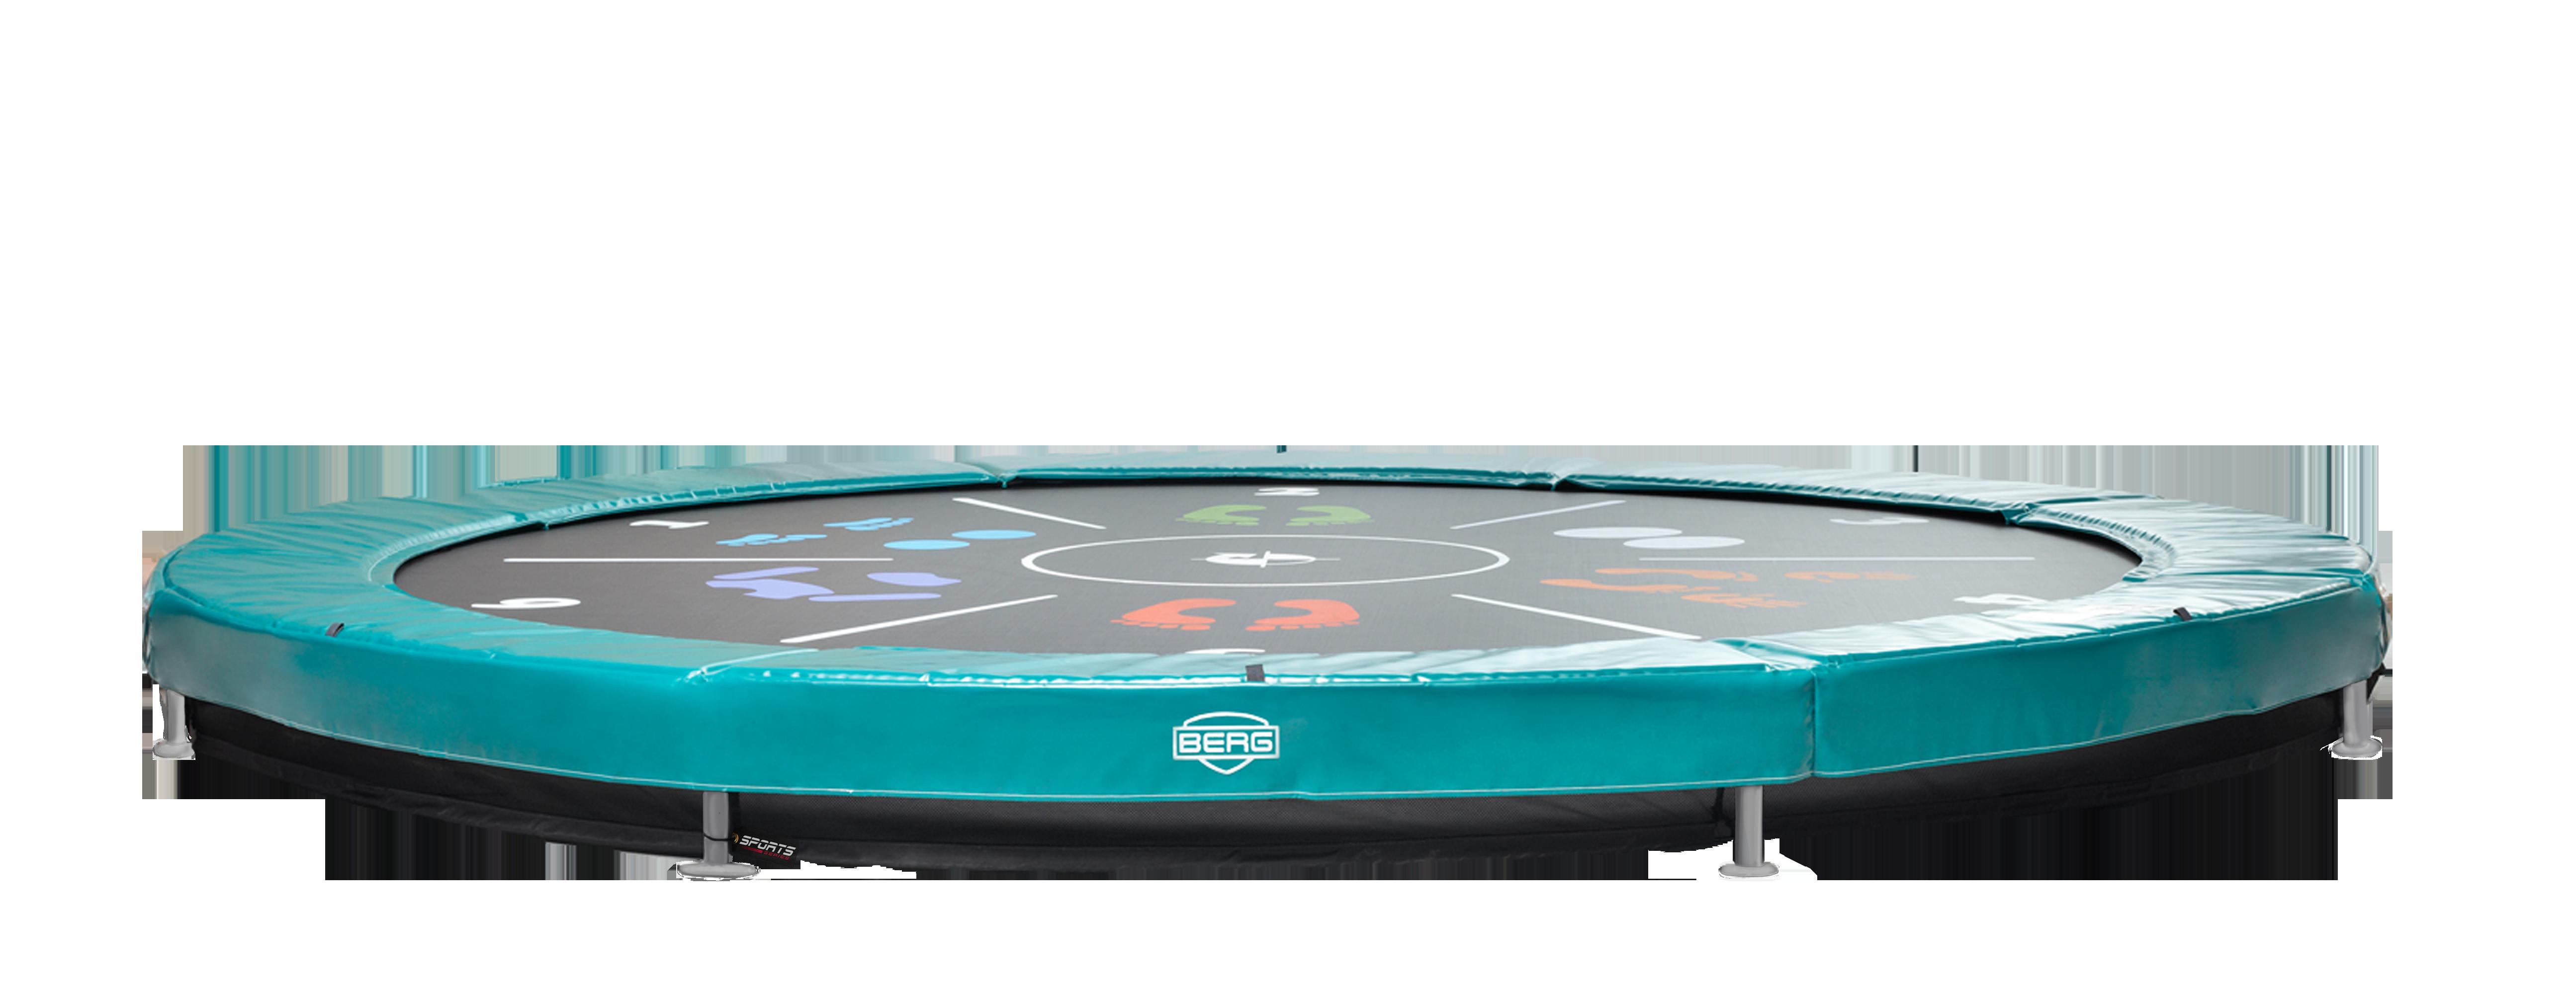 Berg Elite+ trampolin til nedgravning grøn - 430 cm med tattoo springdug